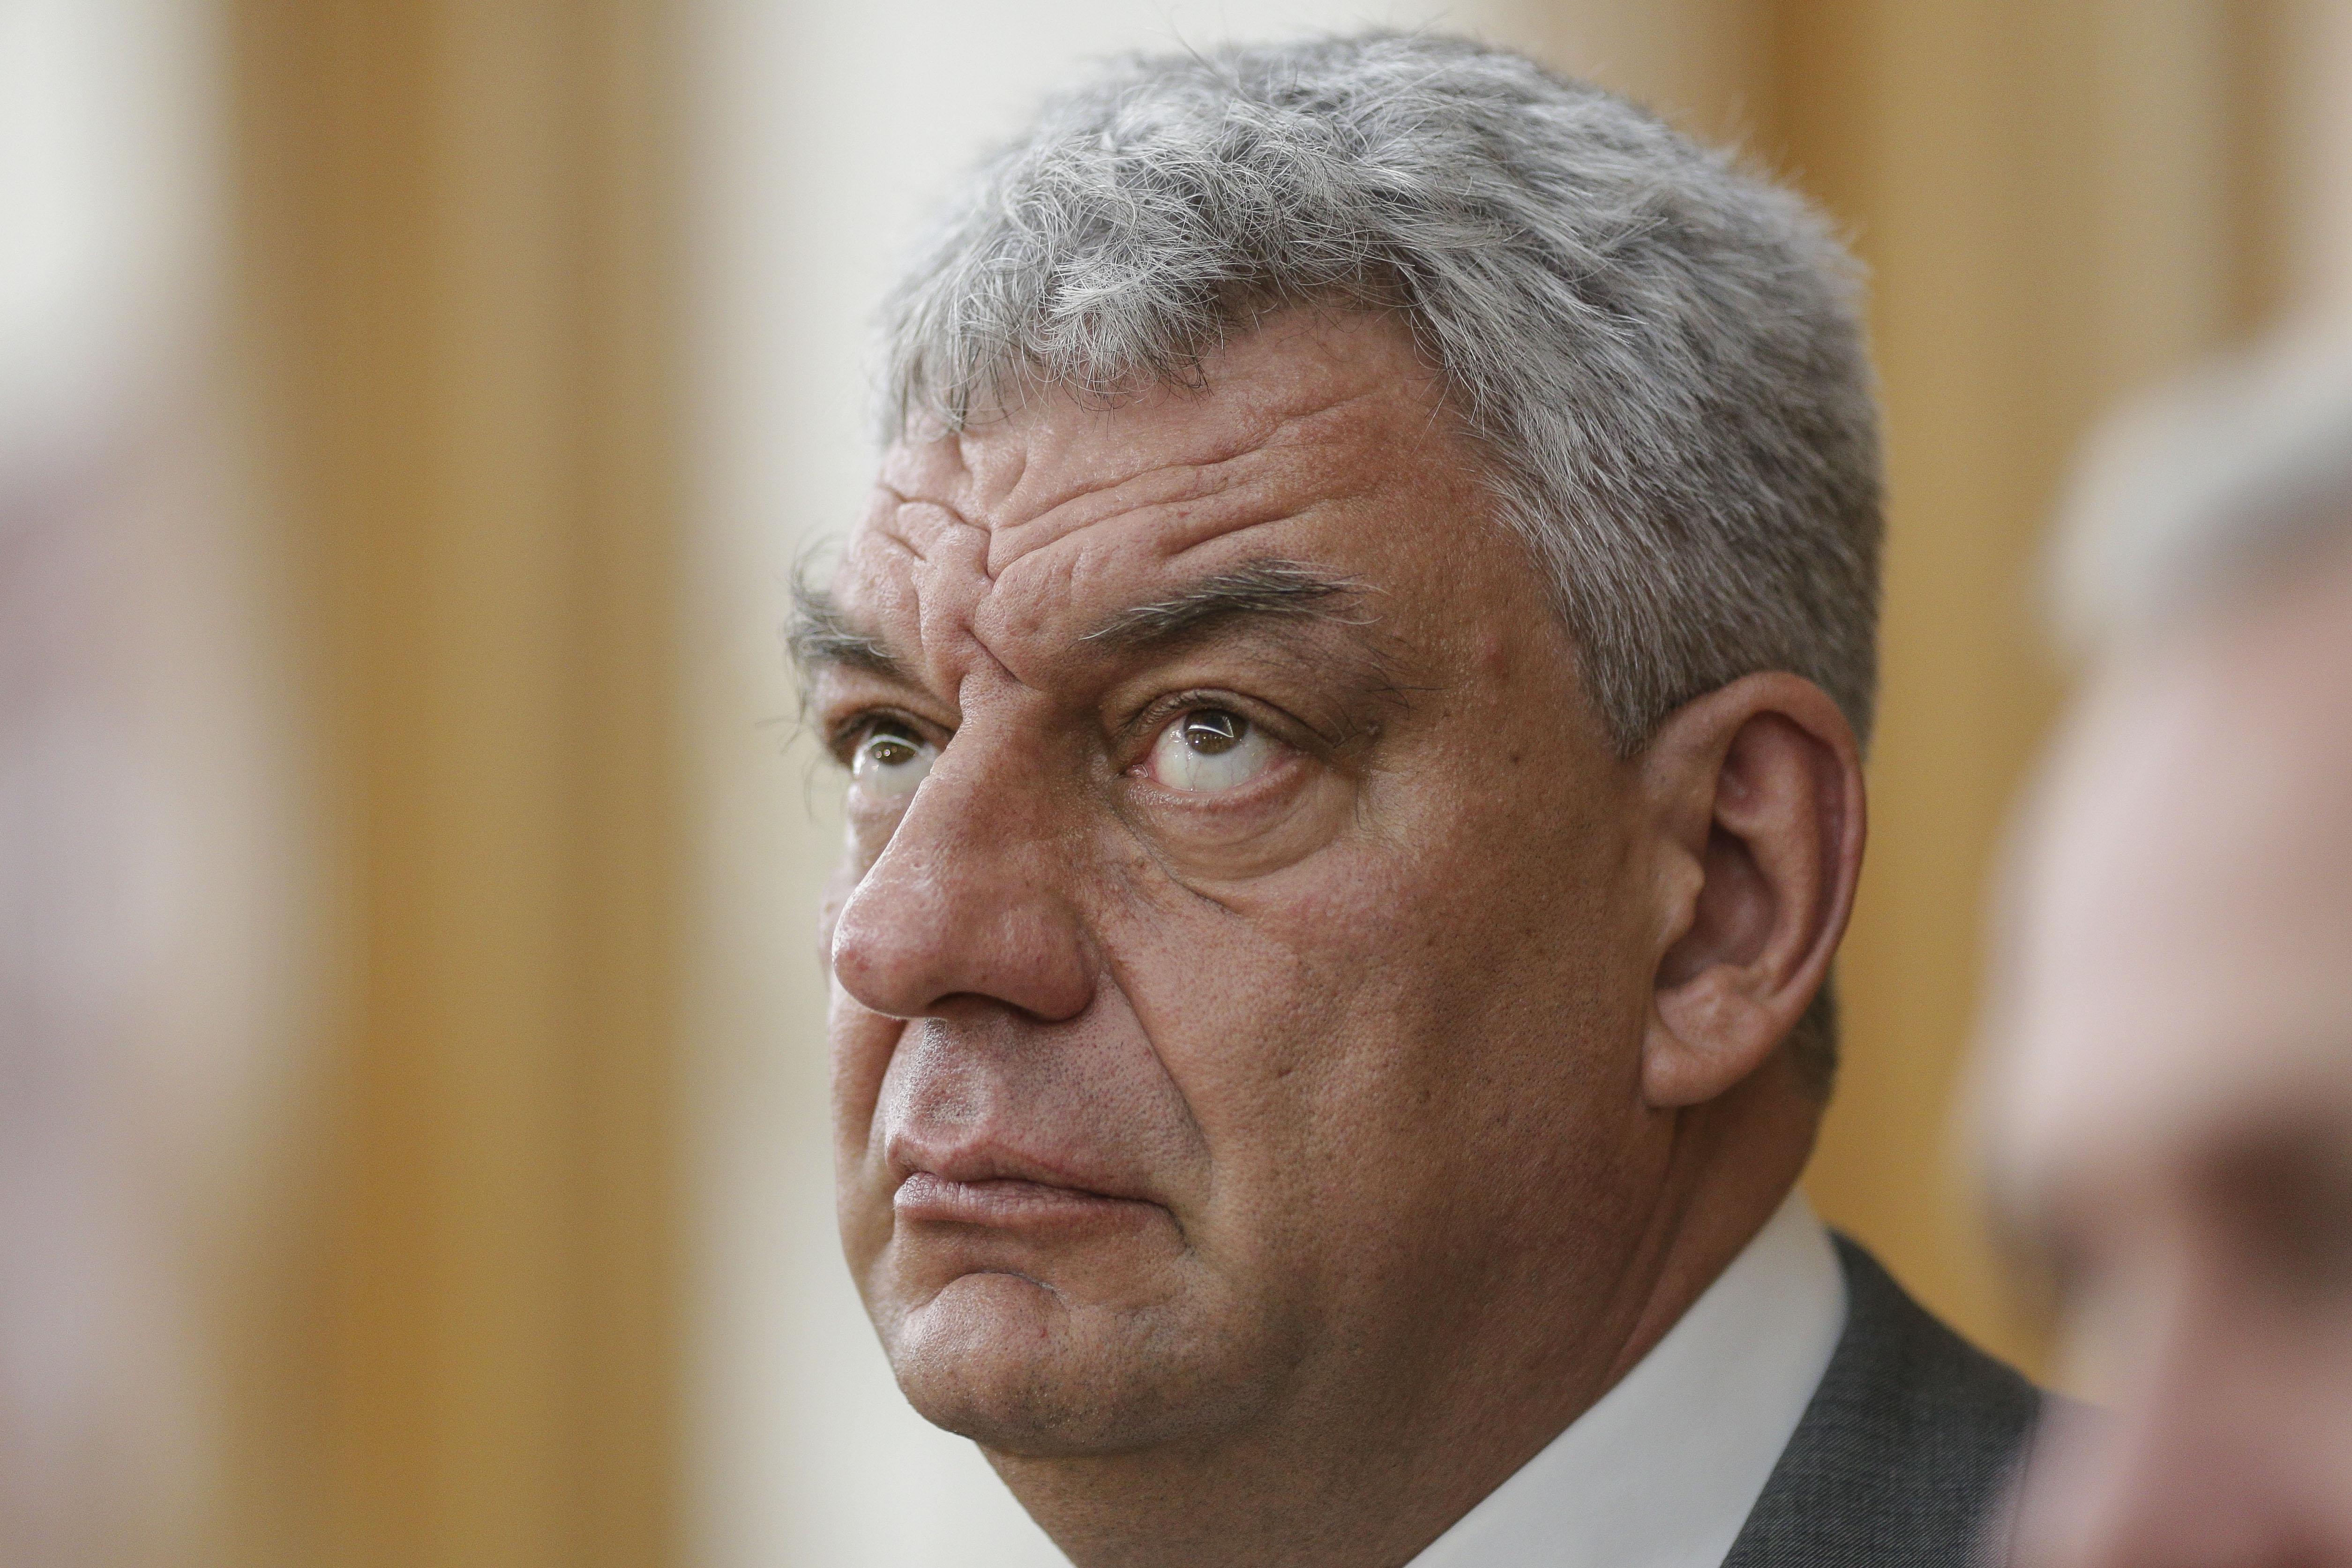 Mihai Tudose rămâne în spital. Ce va renunţa să consume după infarct